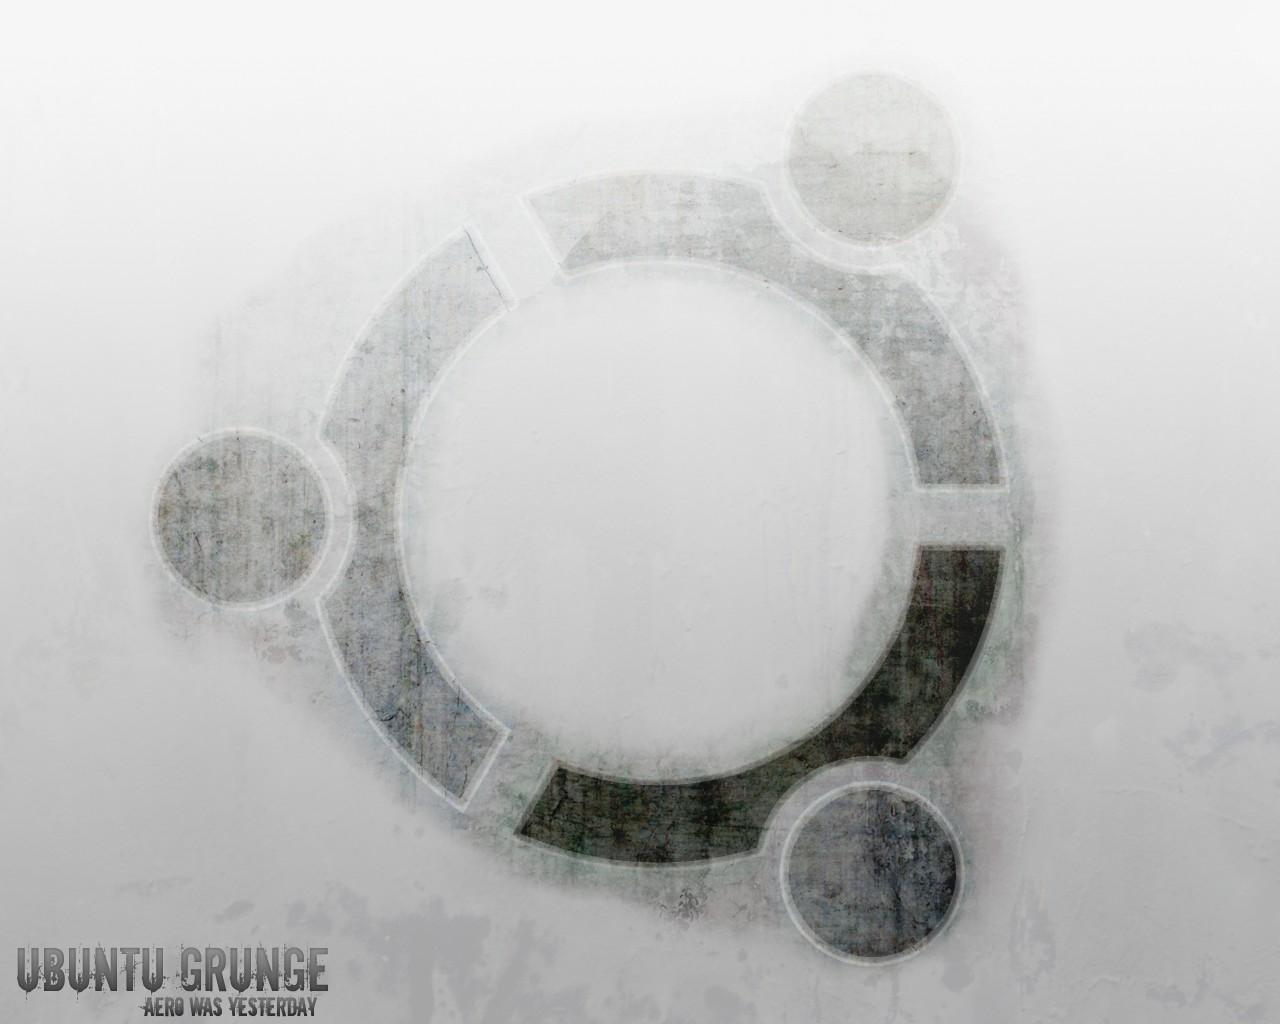 Ubuntu Grunge 2 by undeathspawn